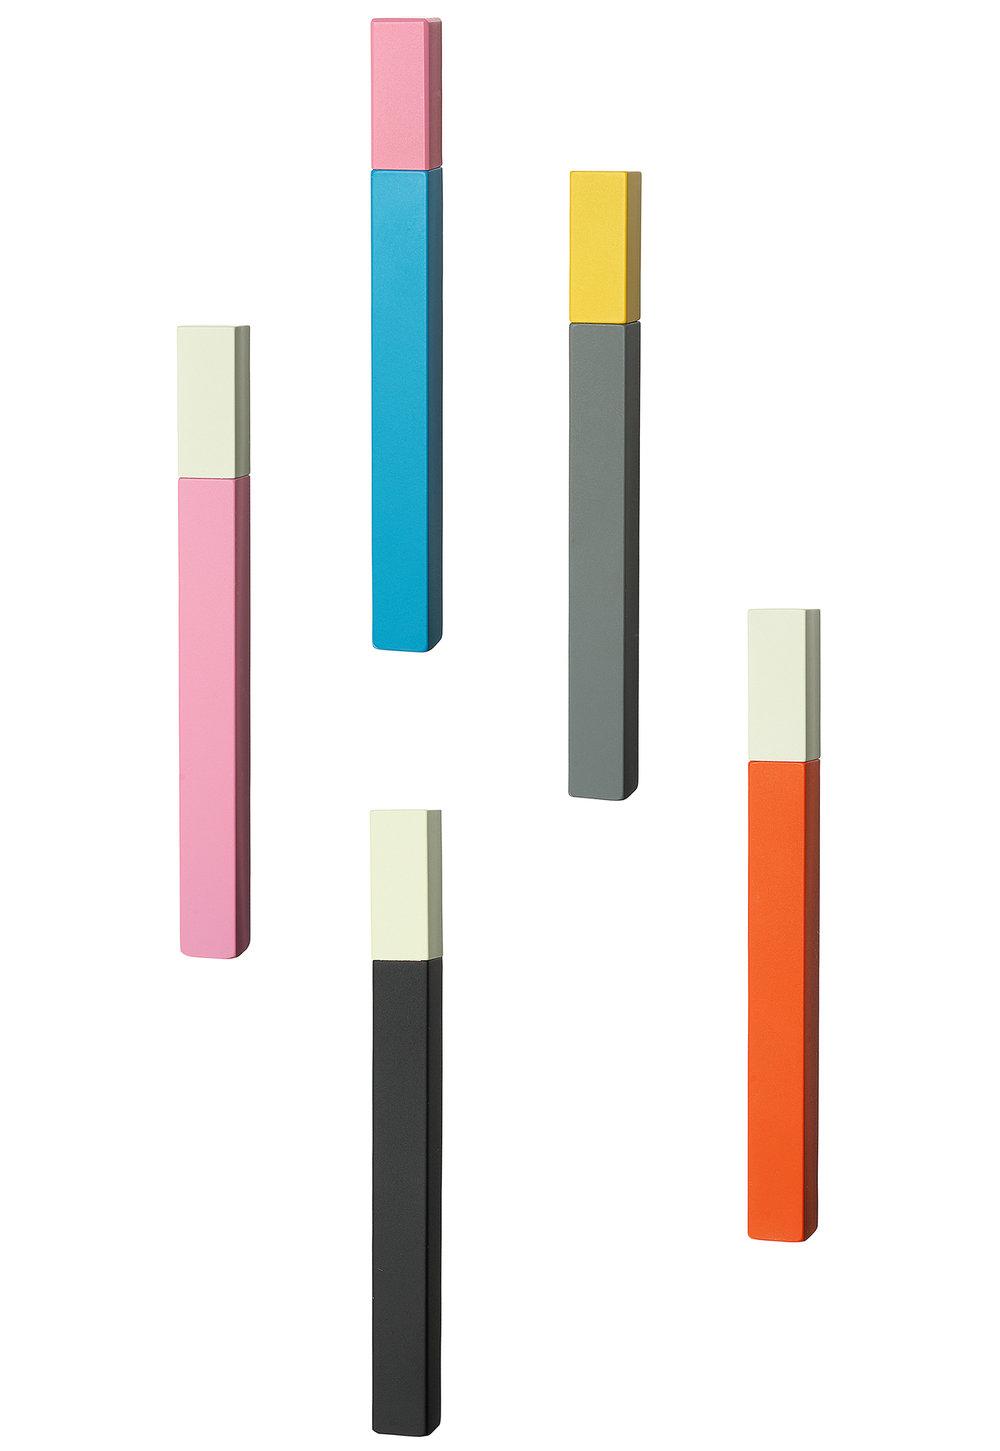 策展人:小巧、简约、缤纷的色彩组合让人爱不释手。 - 这是一款来自日本的、最富有想象力、制作精巧的打火机。它可以完美地装入任何小袋子或口袋中,是一款用于点燃蜡烛或熏香的时尚配件。